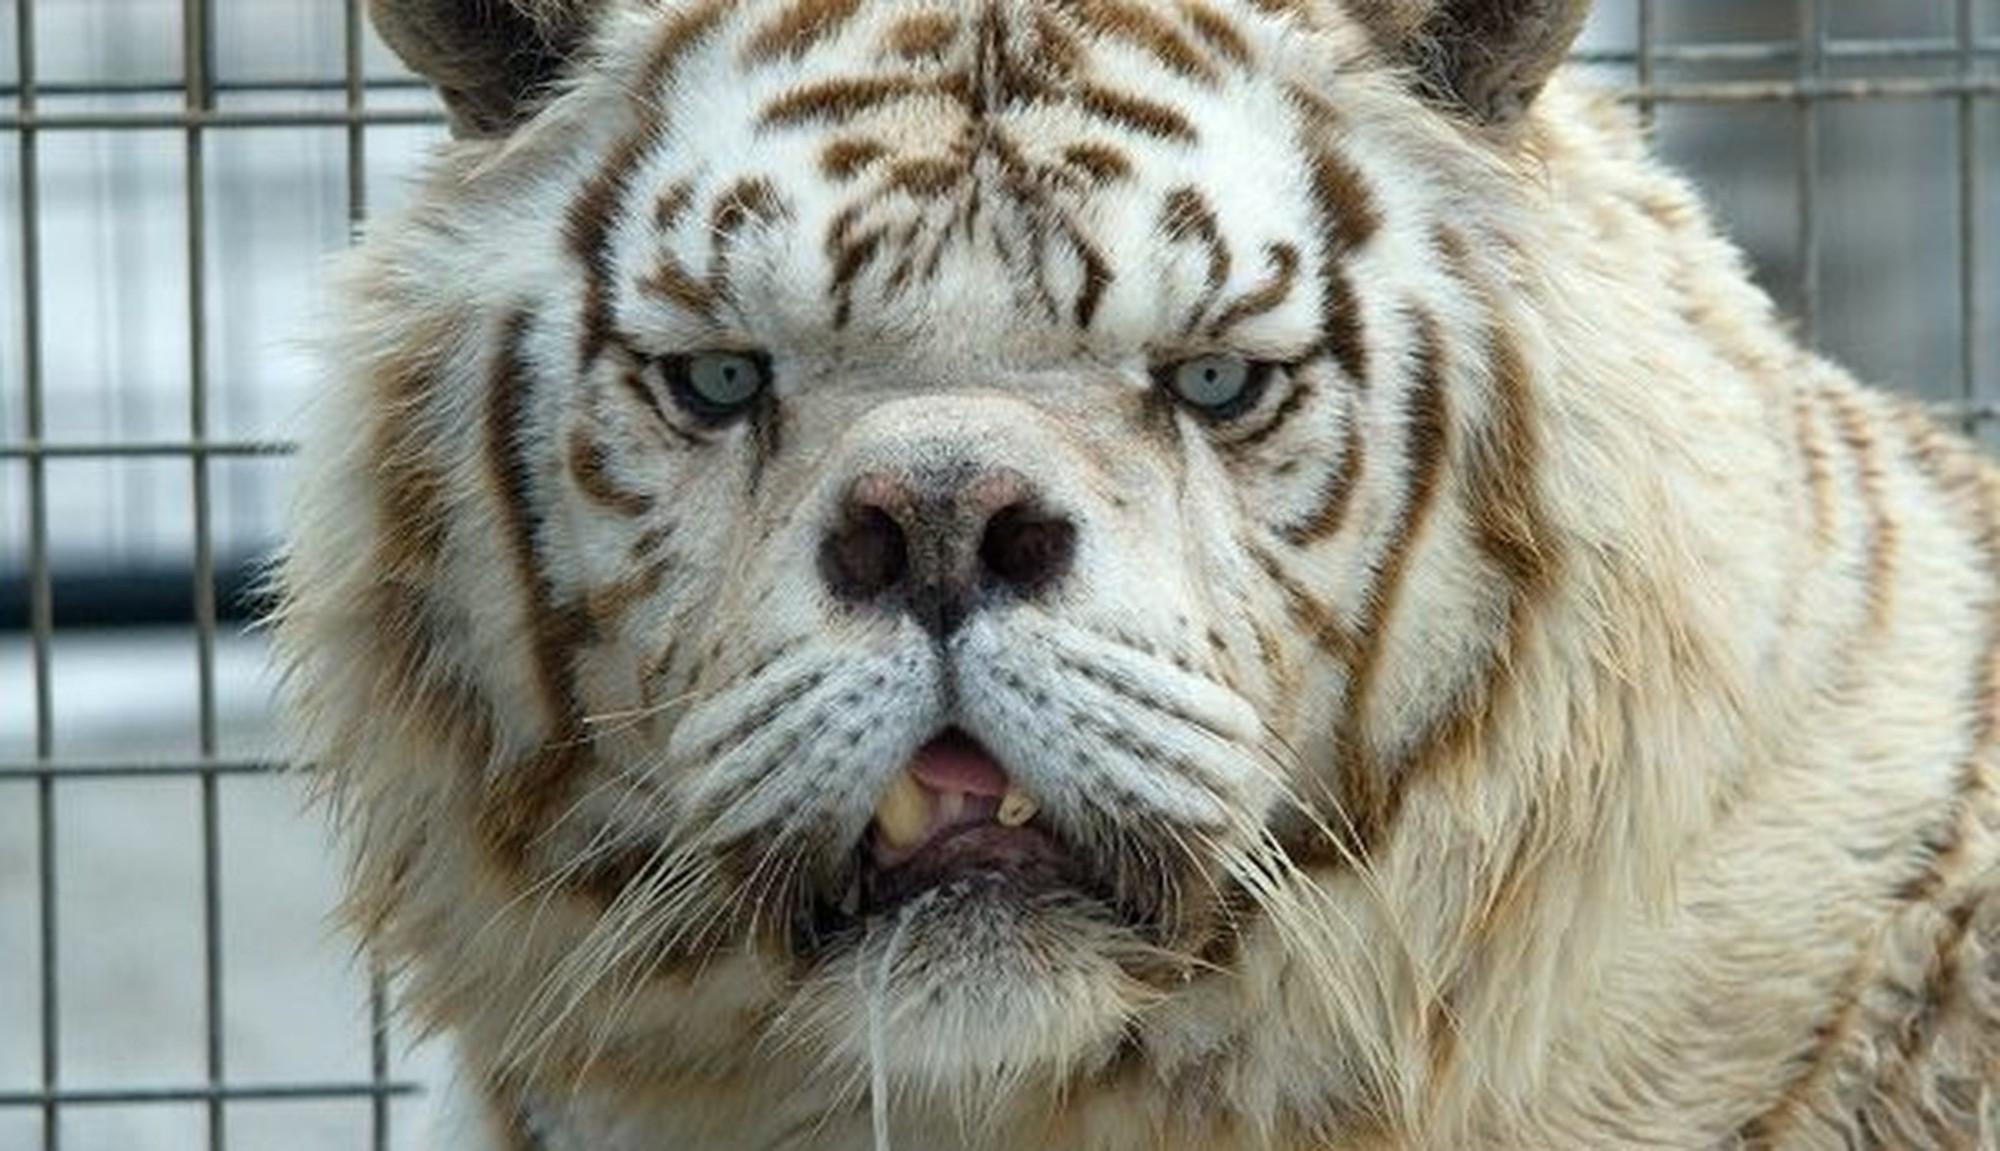 tigr kenny Существует ли тигр альбинос и история тигра Кенни